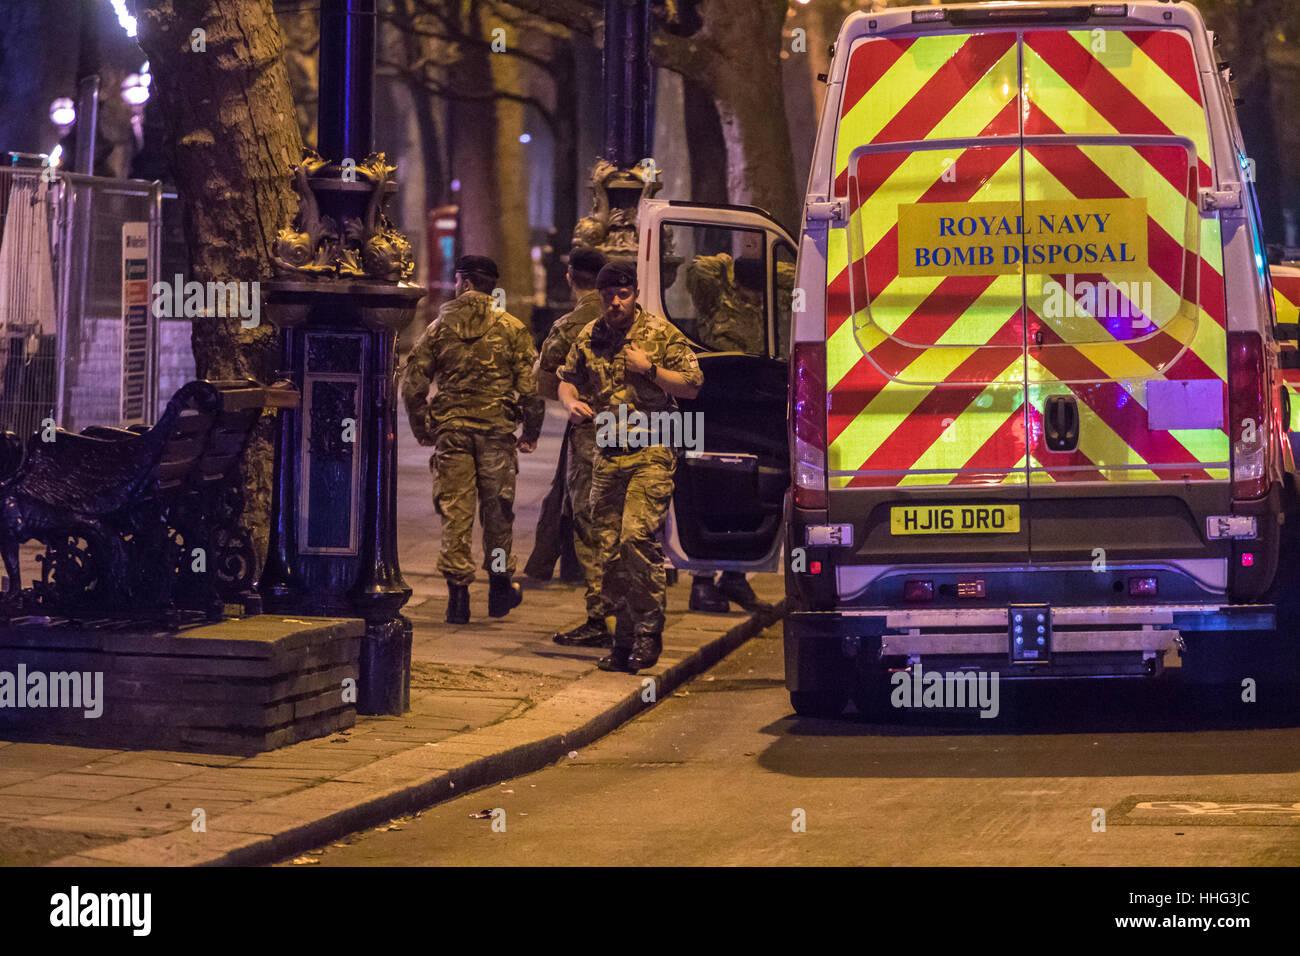 Londres, Reino Unido. 19 ene, 2017. Artificieros de la Royal Navy llegar a Victoria Embankment para mitigar y eliminar Foto de stock